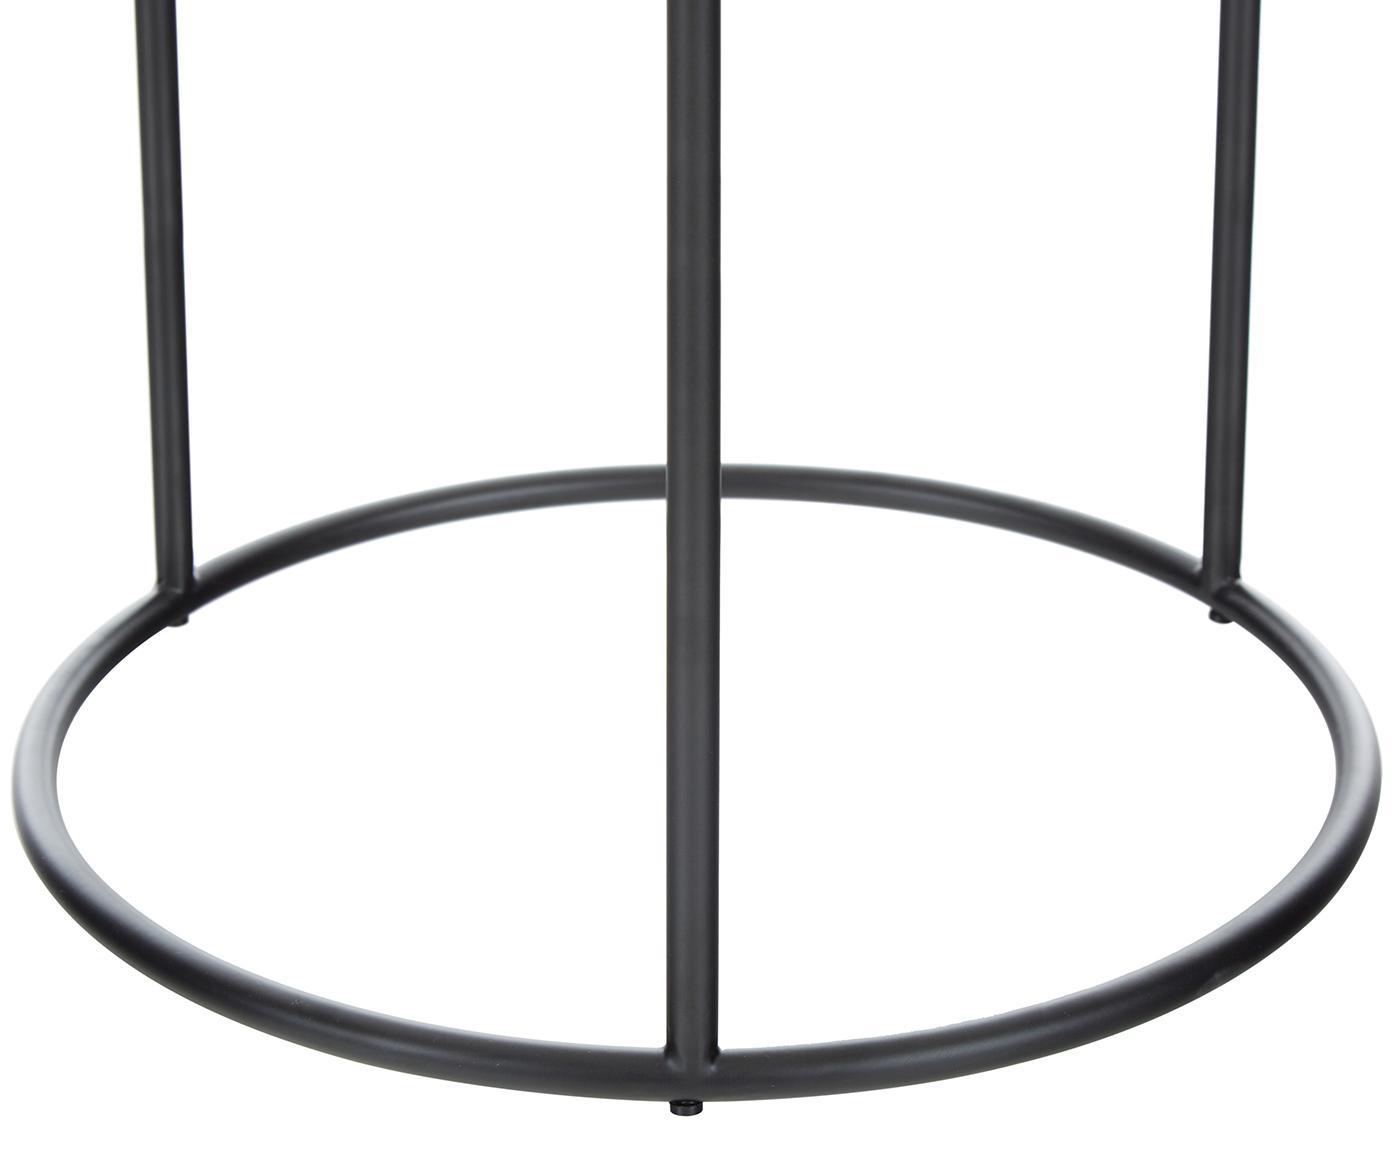 Okrągły stolik pomocniczy z marmuru Ella, Blat: marmur naturalny, Stelaż: metal malowany proszkowo, Blat: jaśniejszy marmur Stelaż: czarny, matowy, Ø 40 x W 50 cm